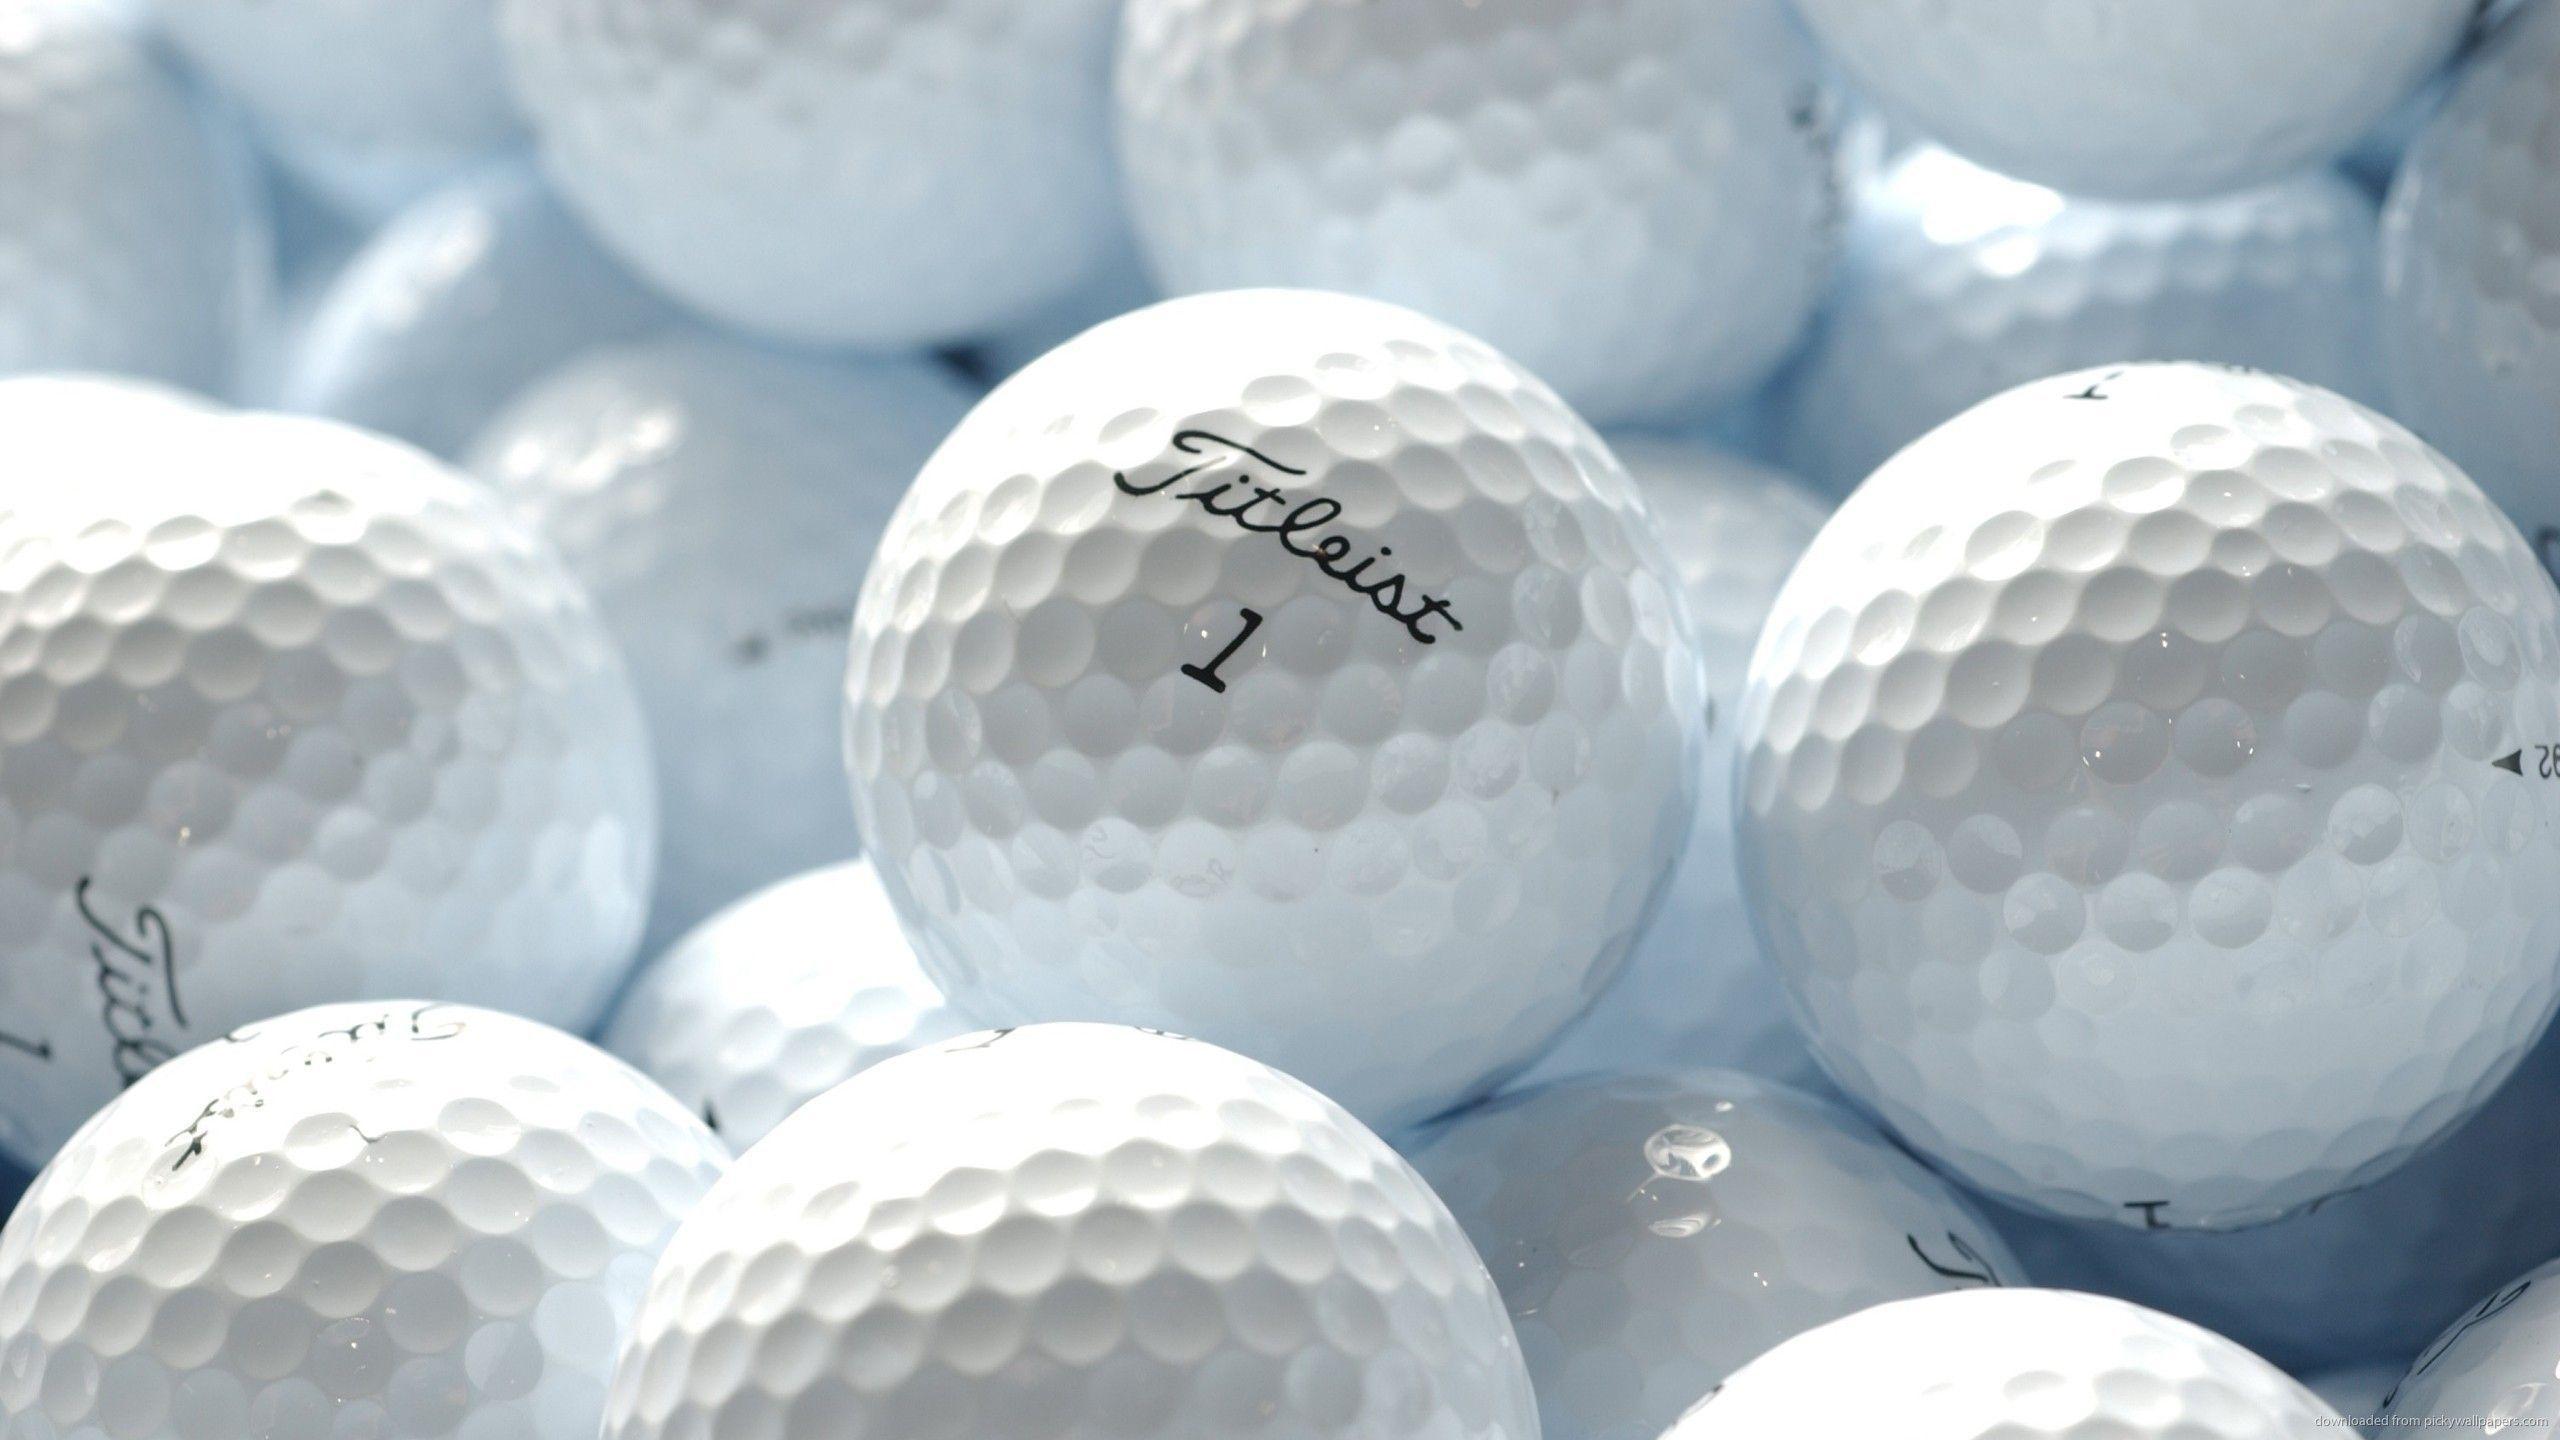 Golf Grass Wallpaper Hd Resolution Iphone Grass 1023 639 Golf Wallpapers 50 Wallpapers Adorable Wallpapers Golfball Golf Ball